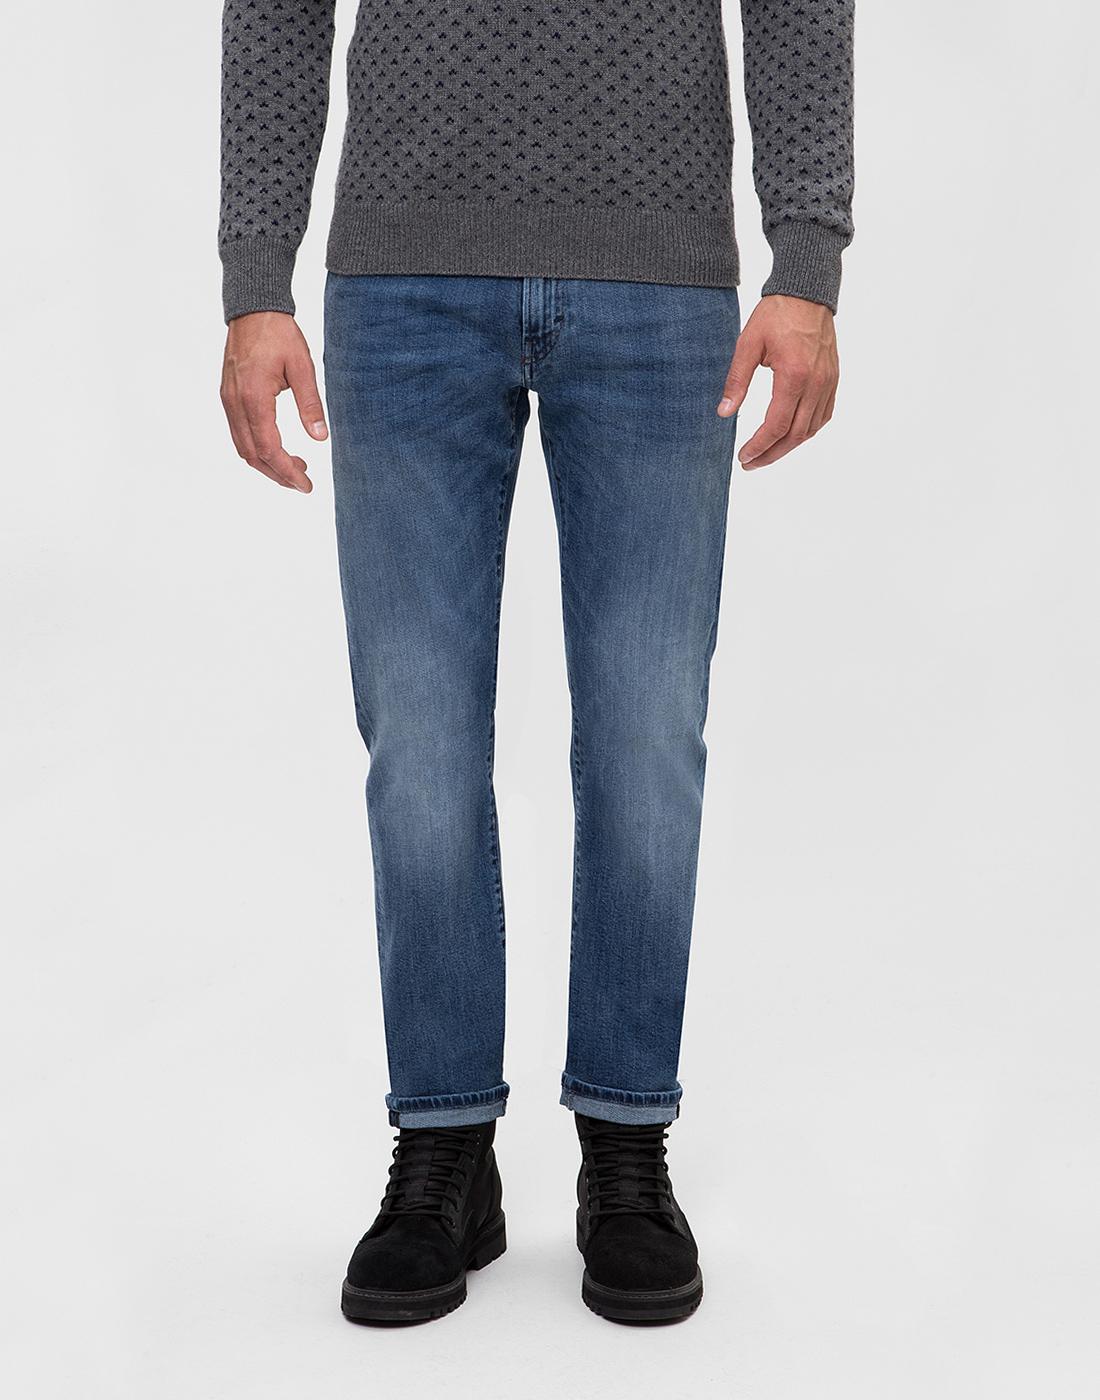 Мужские синие джинсы PT SKU07 MD58-2